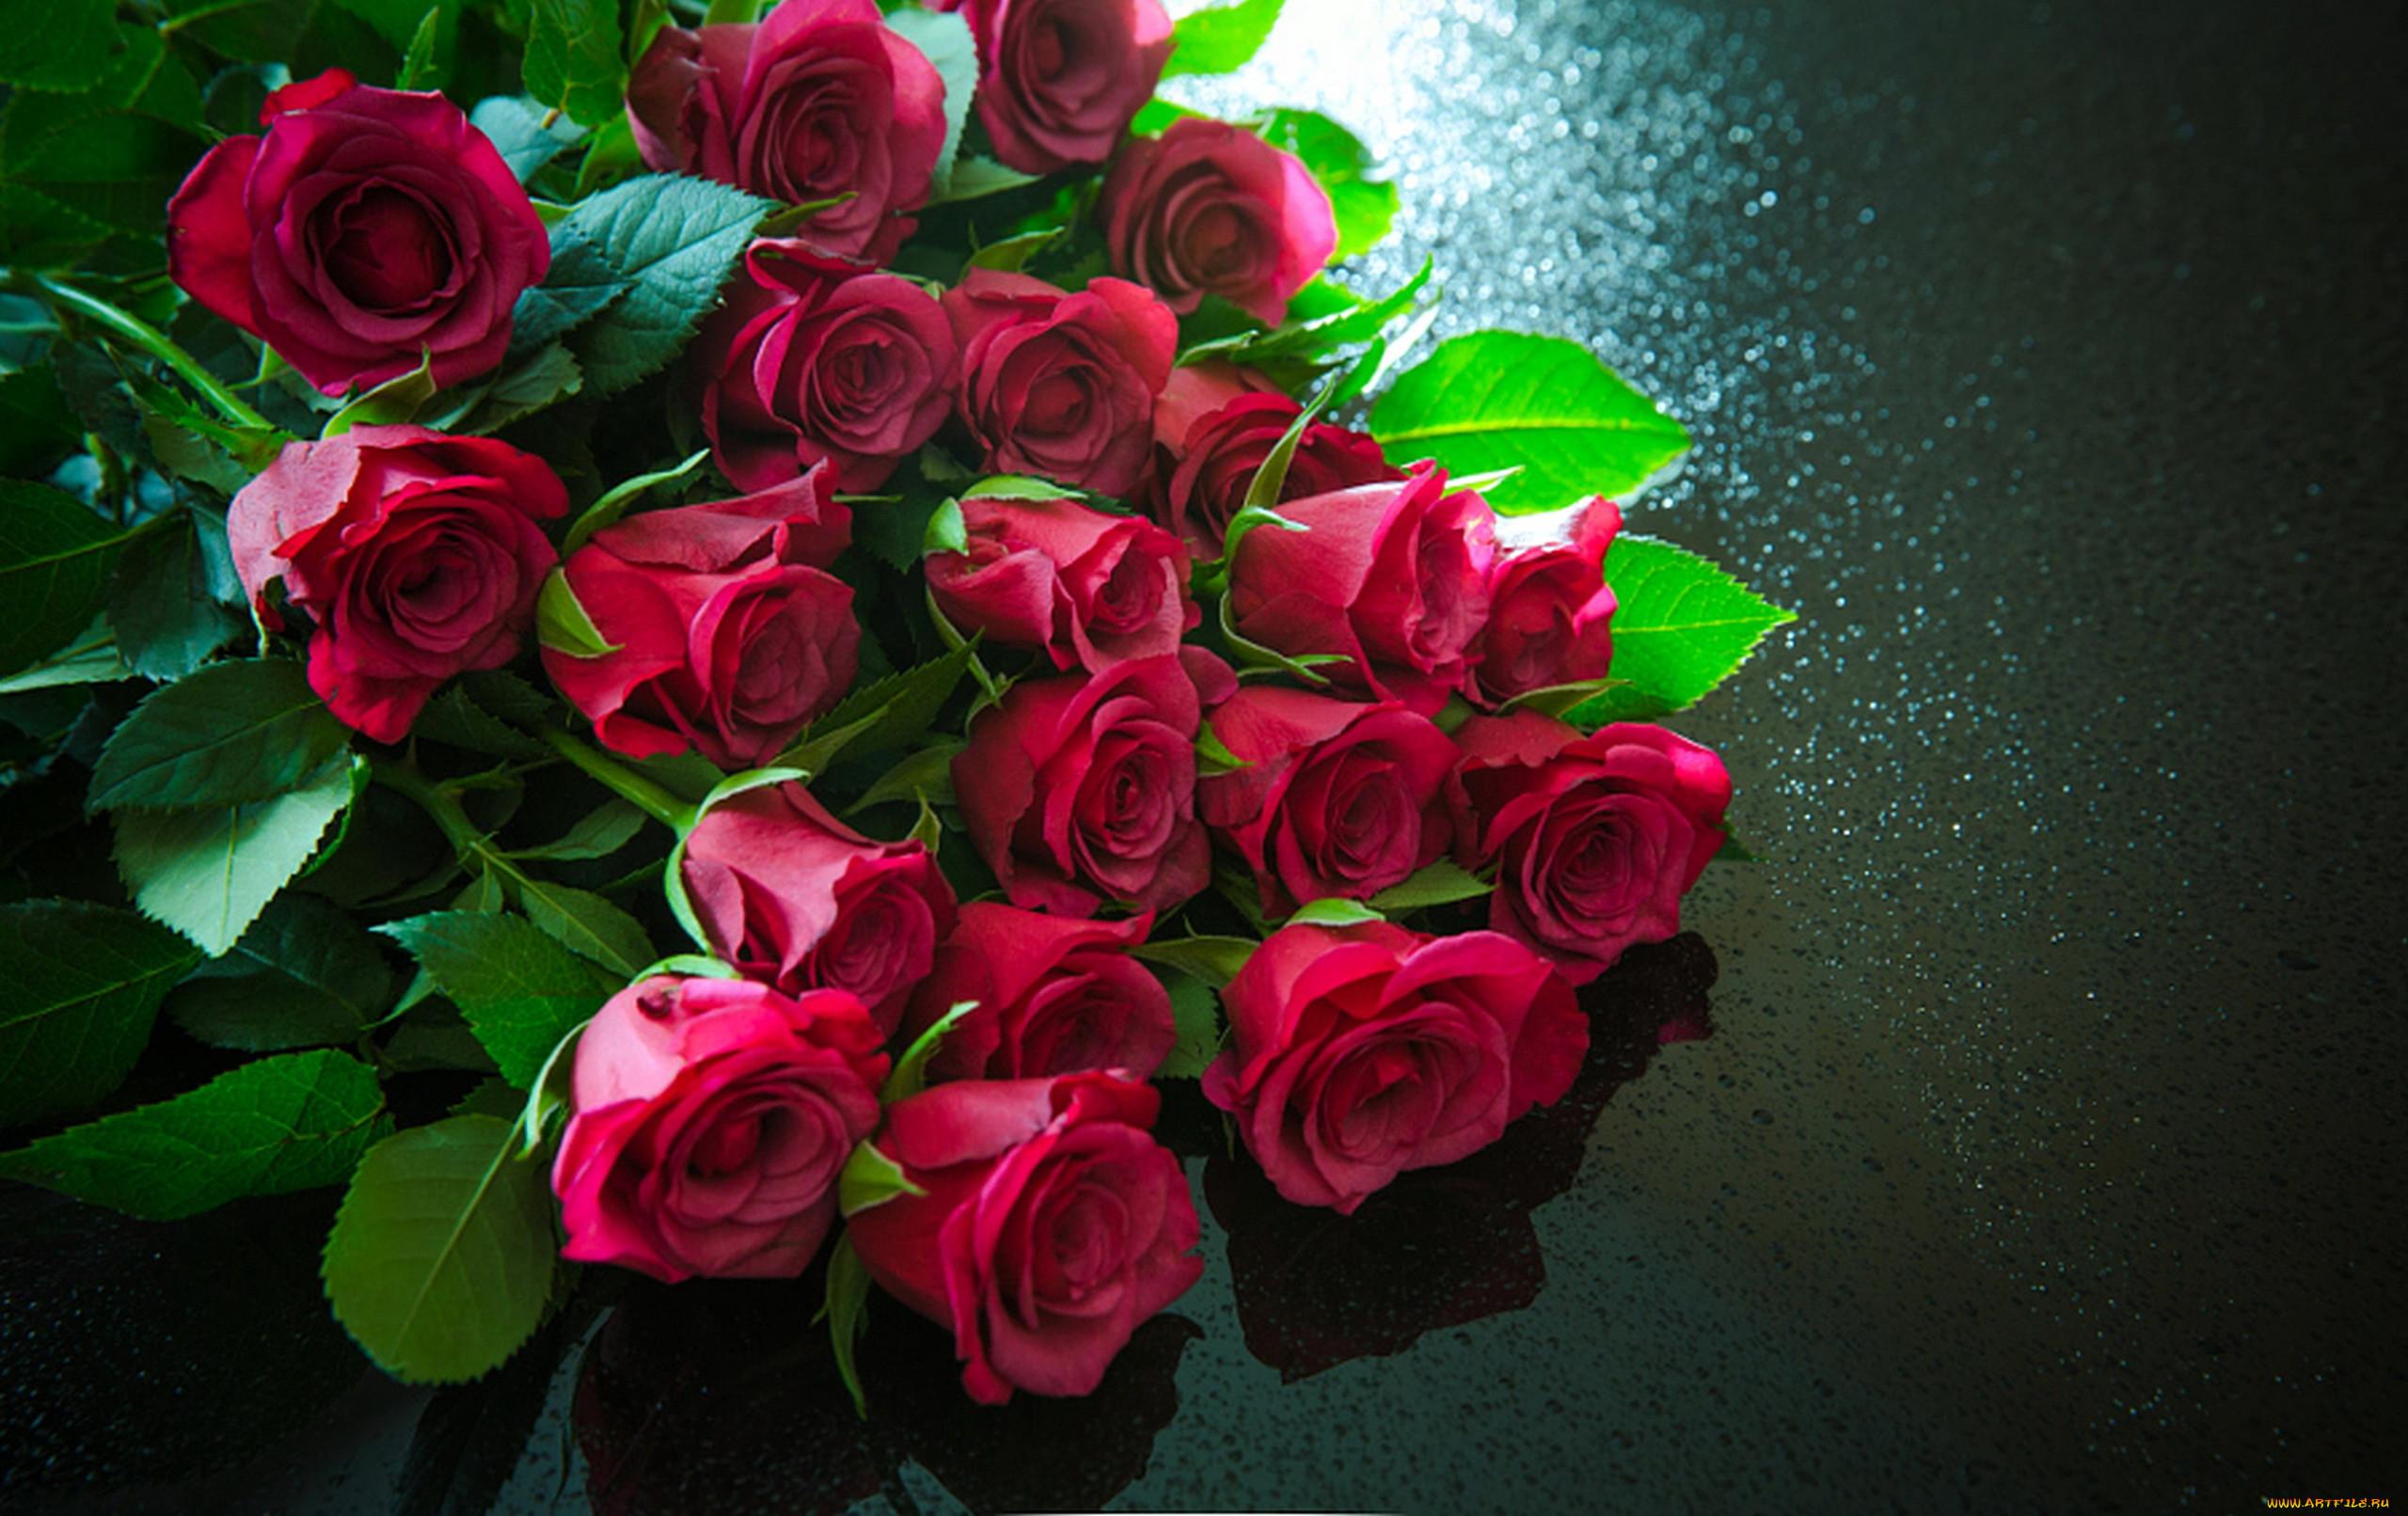 открытка цветы розы анимационные как